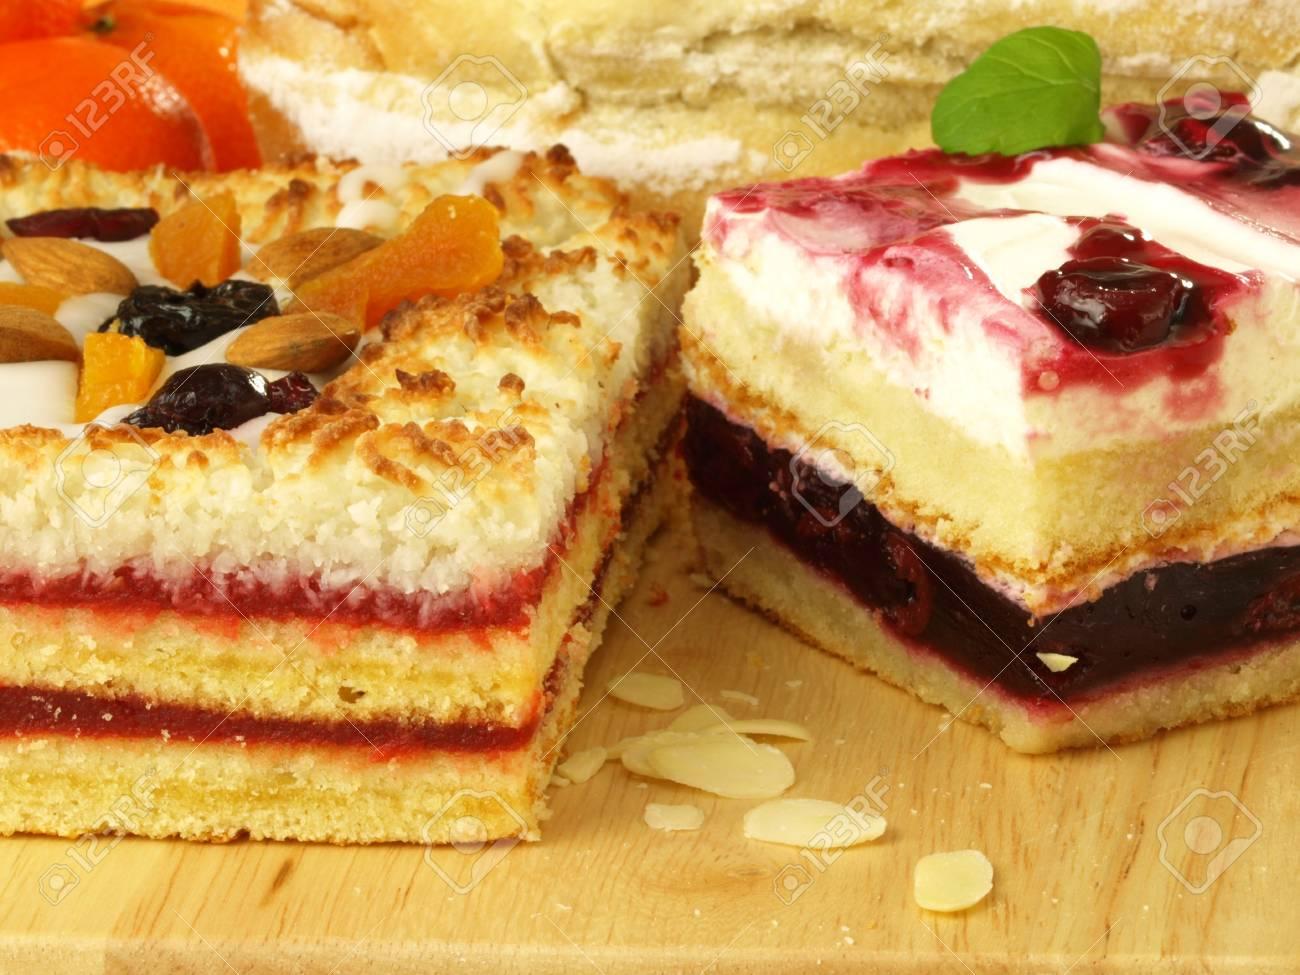 Leckere Kuchen Zum Nachtisch Obst Lizenzfreie Fotos Bilder Und